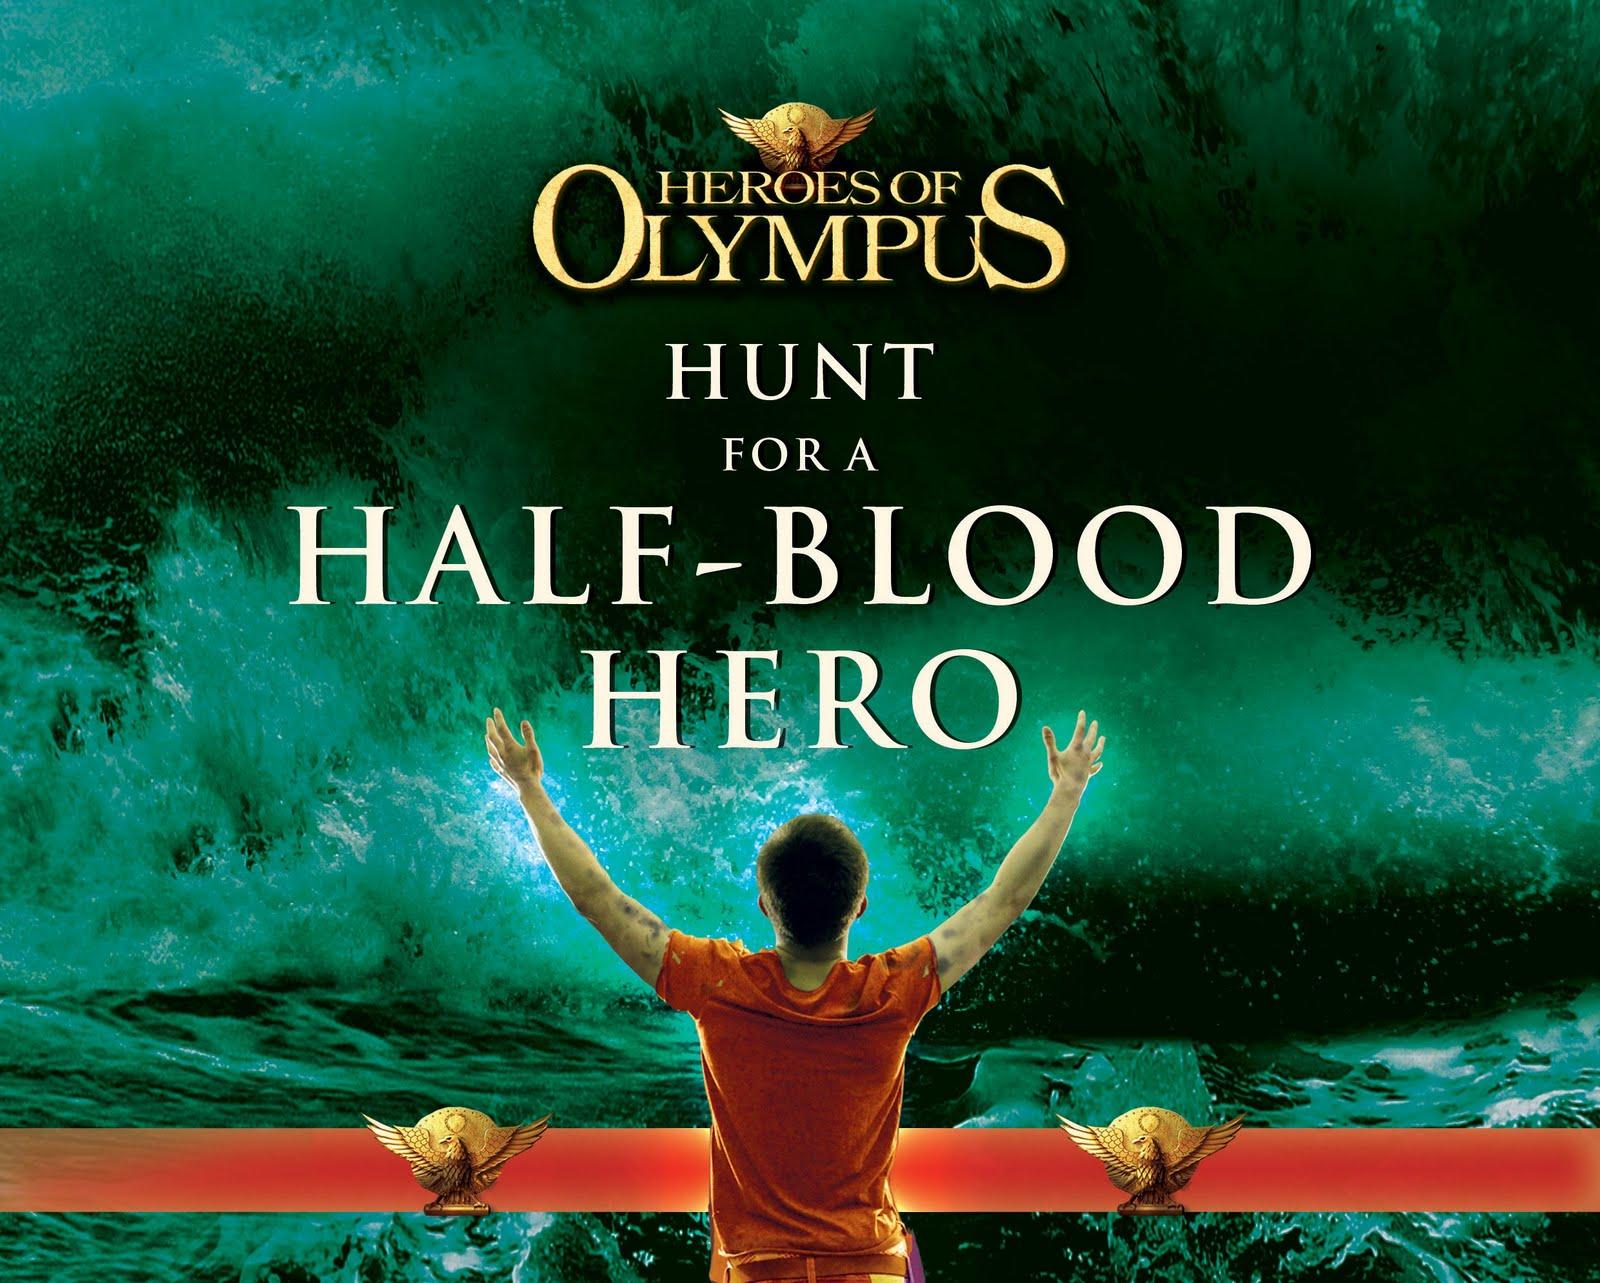 heroes of olympus pdf book 2